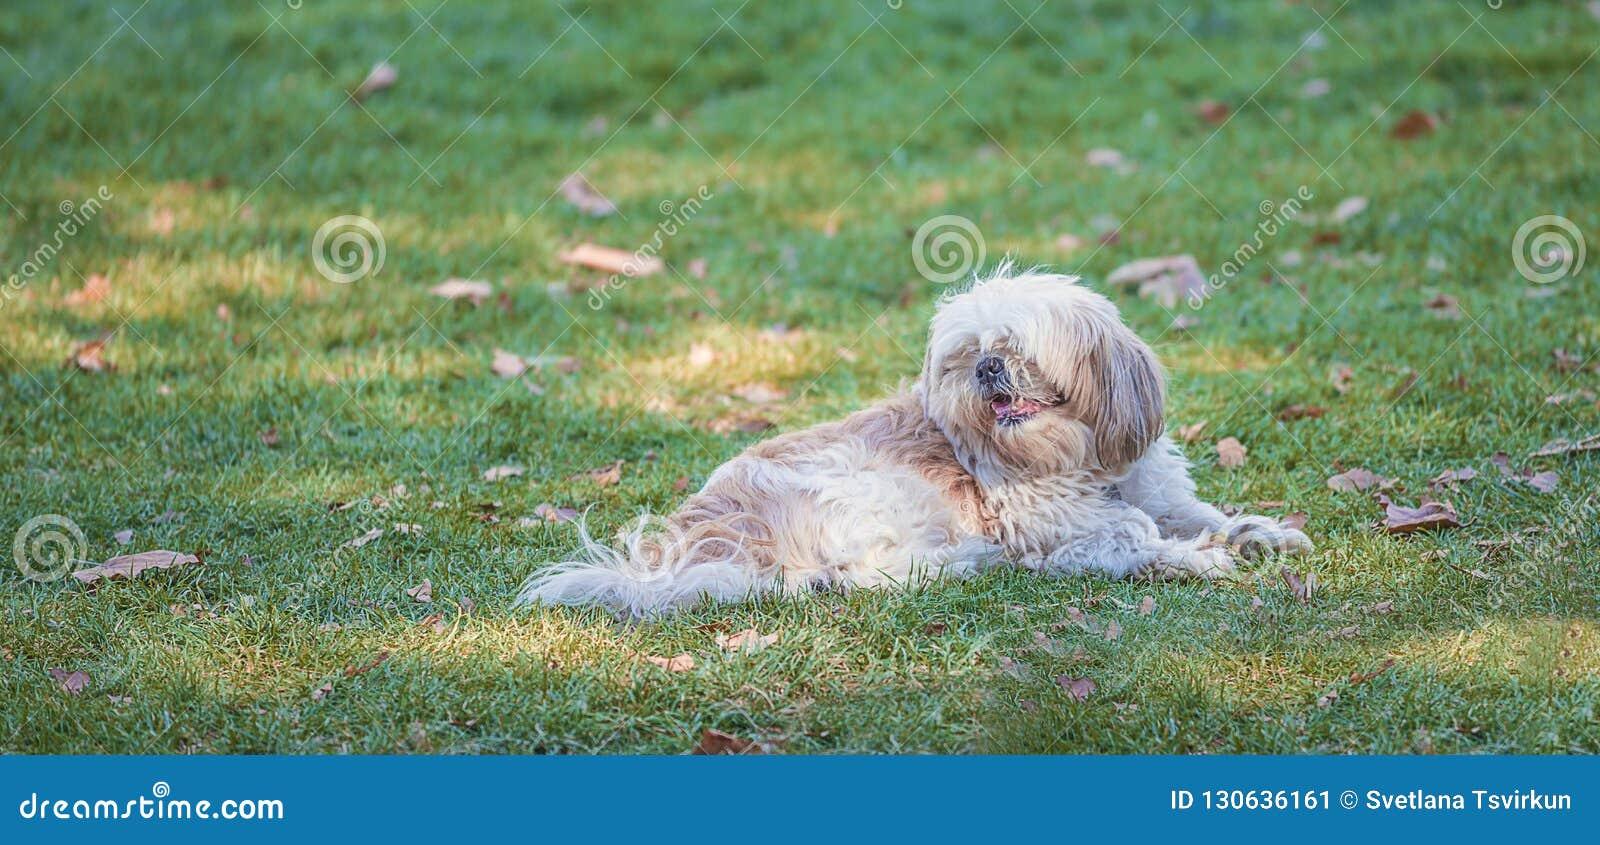 Schöner Hund, der auf dem grünen Gras liegt